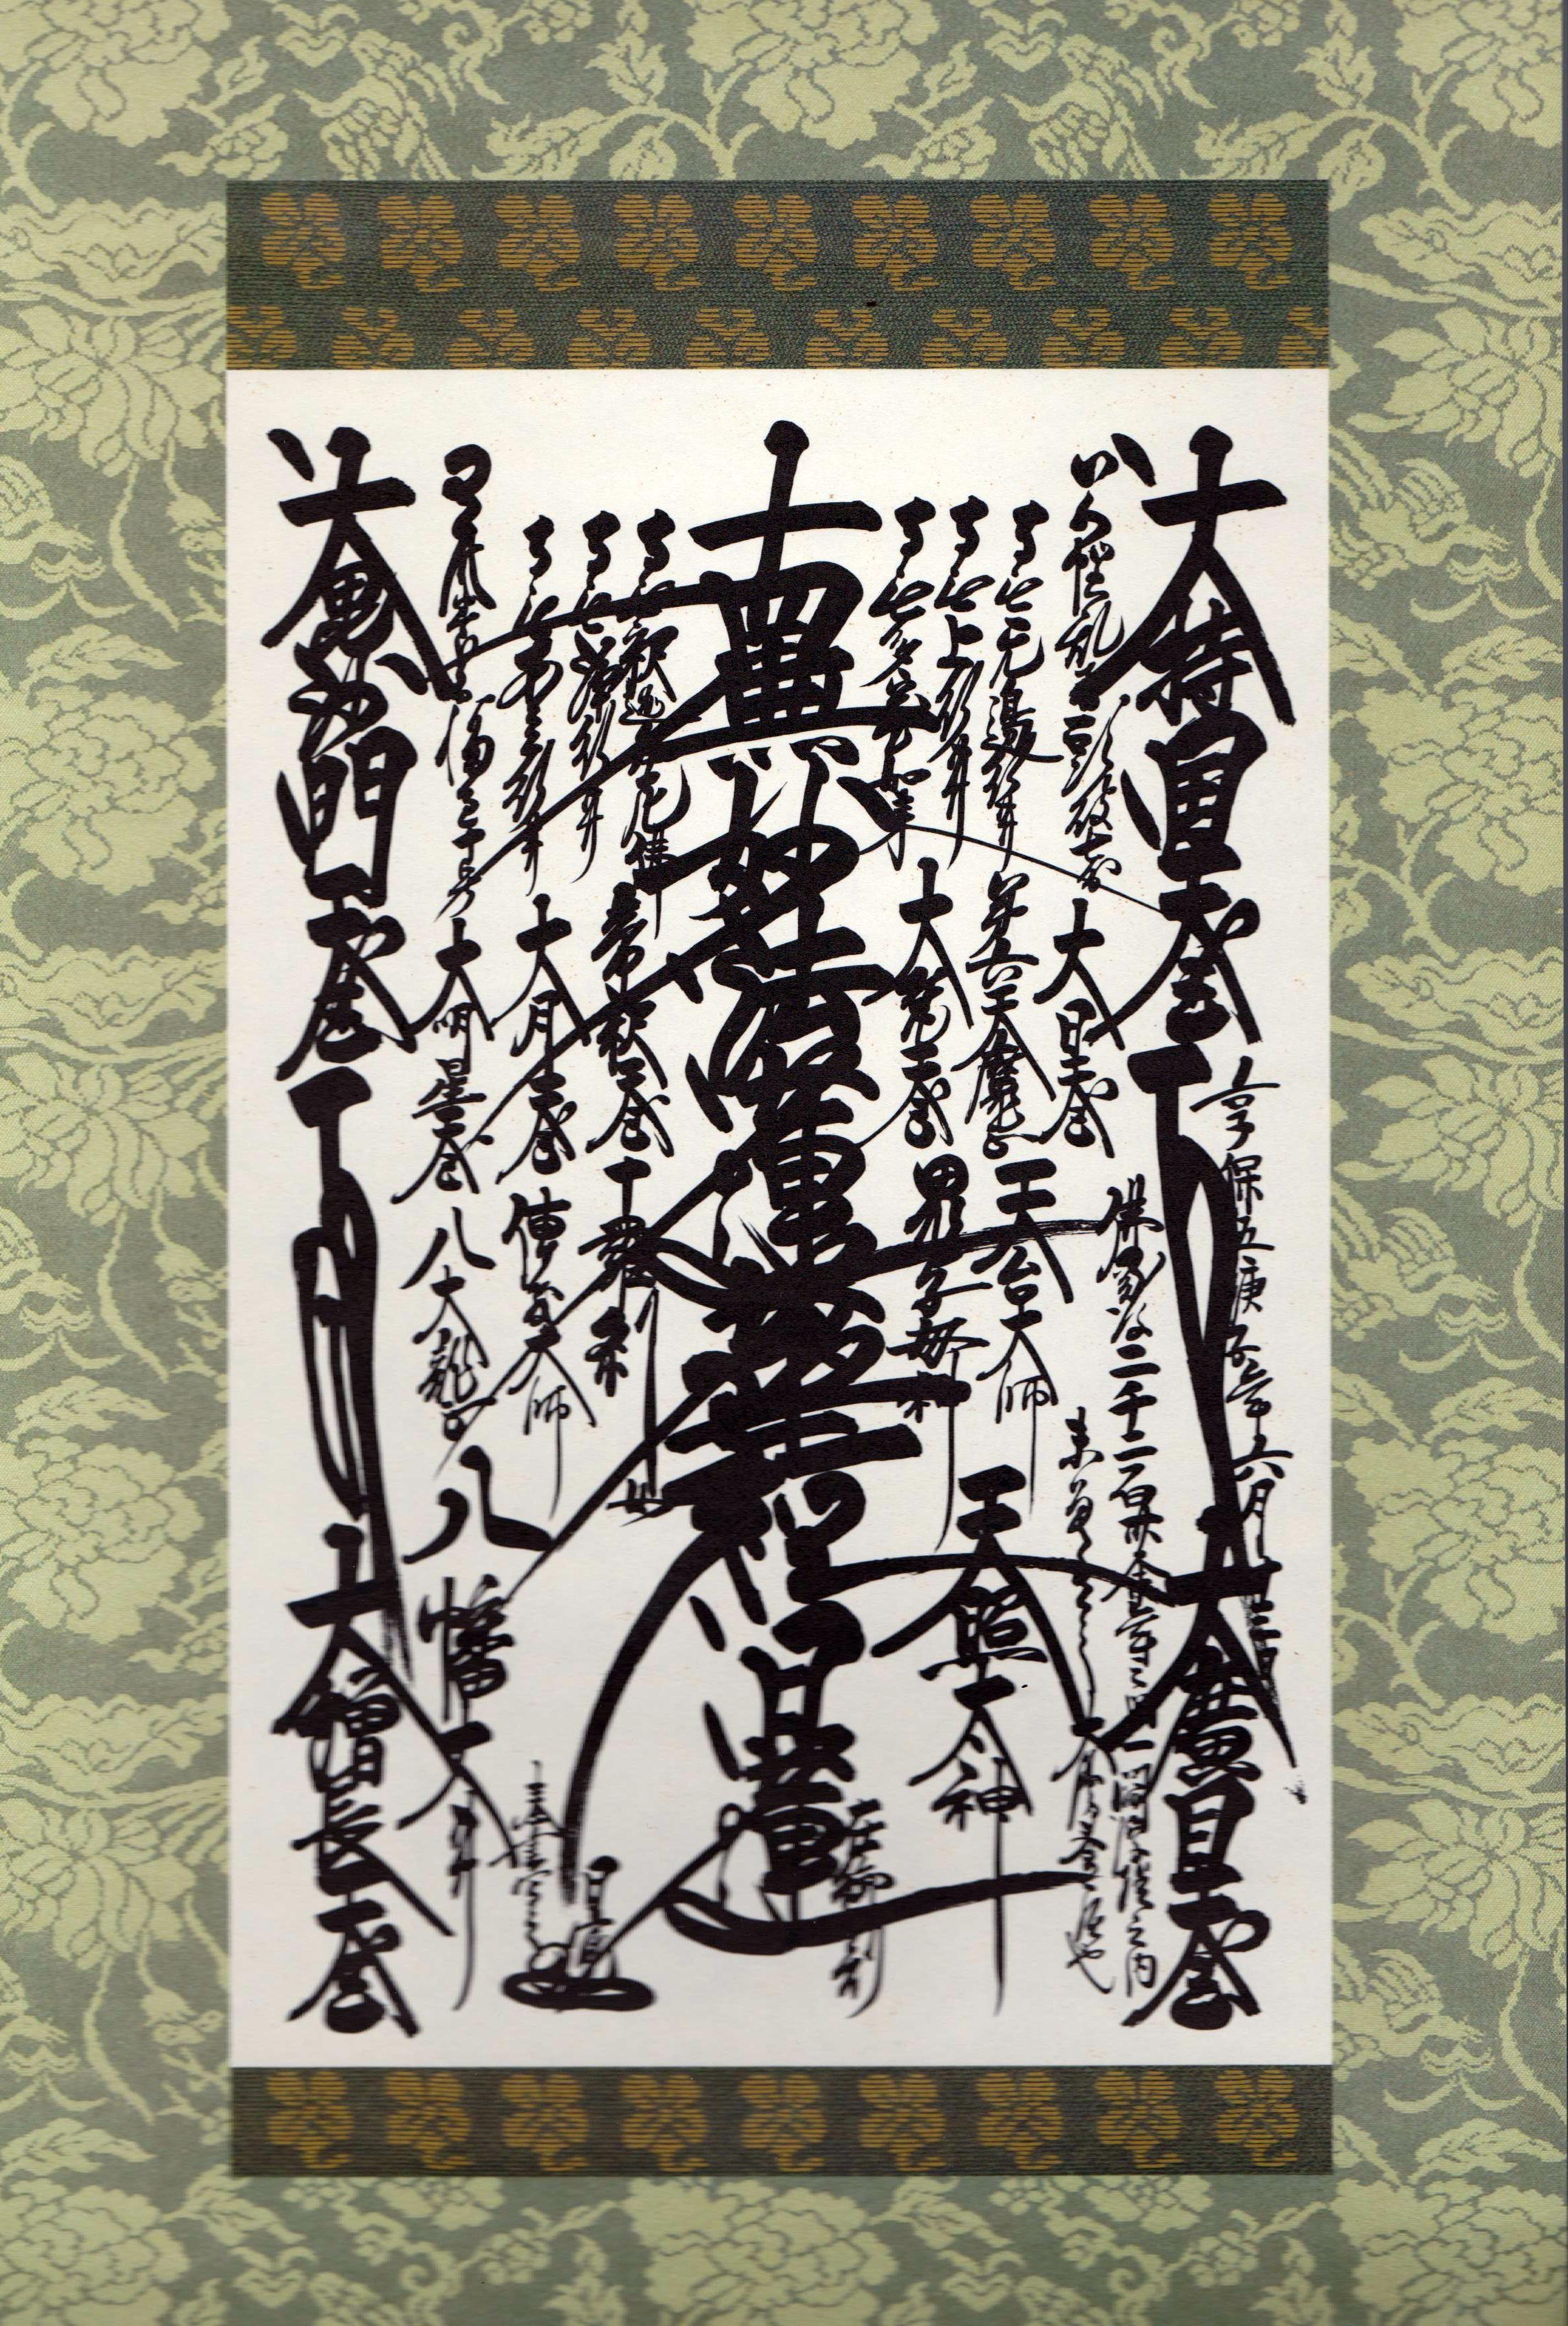 Nel buddismo di nichirenl 39 oggetto di culto non una statua ma una pergamena al cui centro - Il budda nello specchio pdf gratis ...